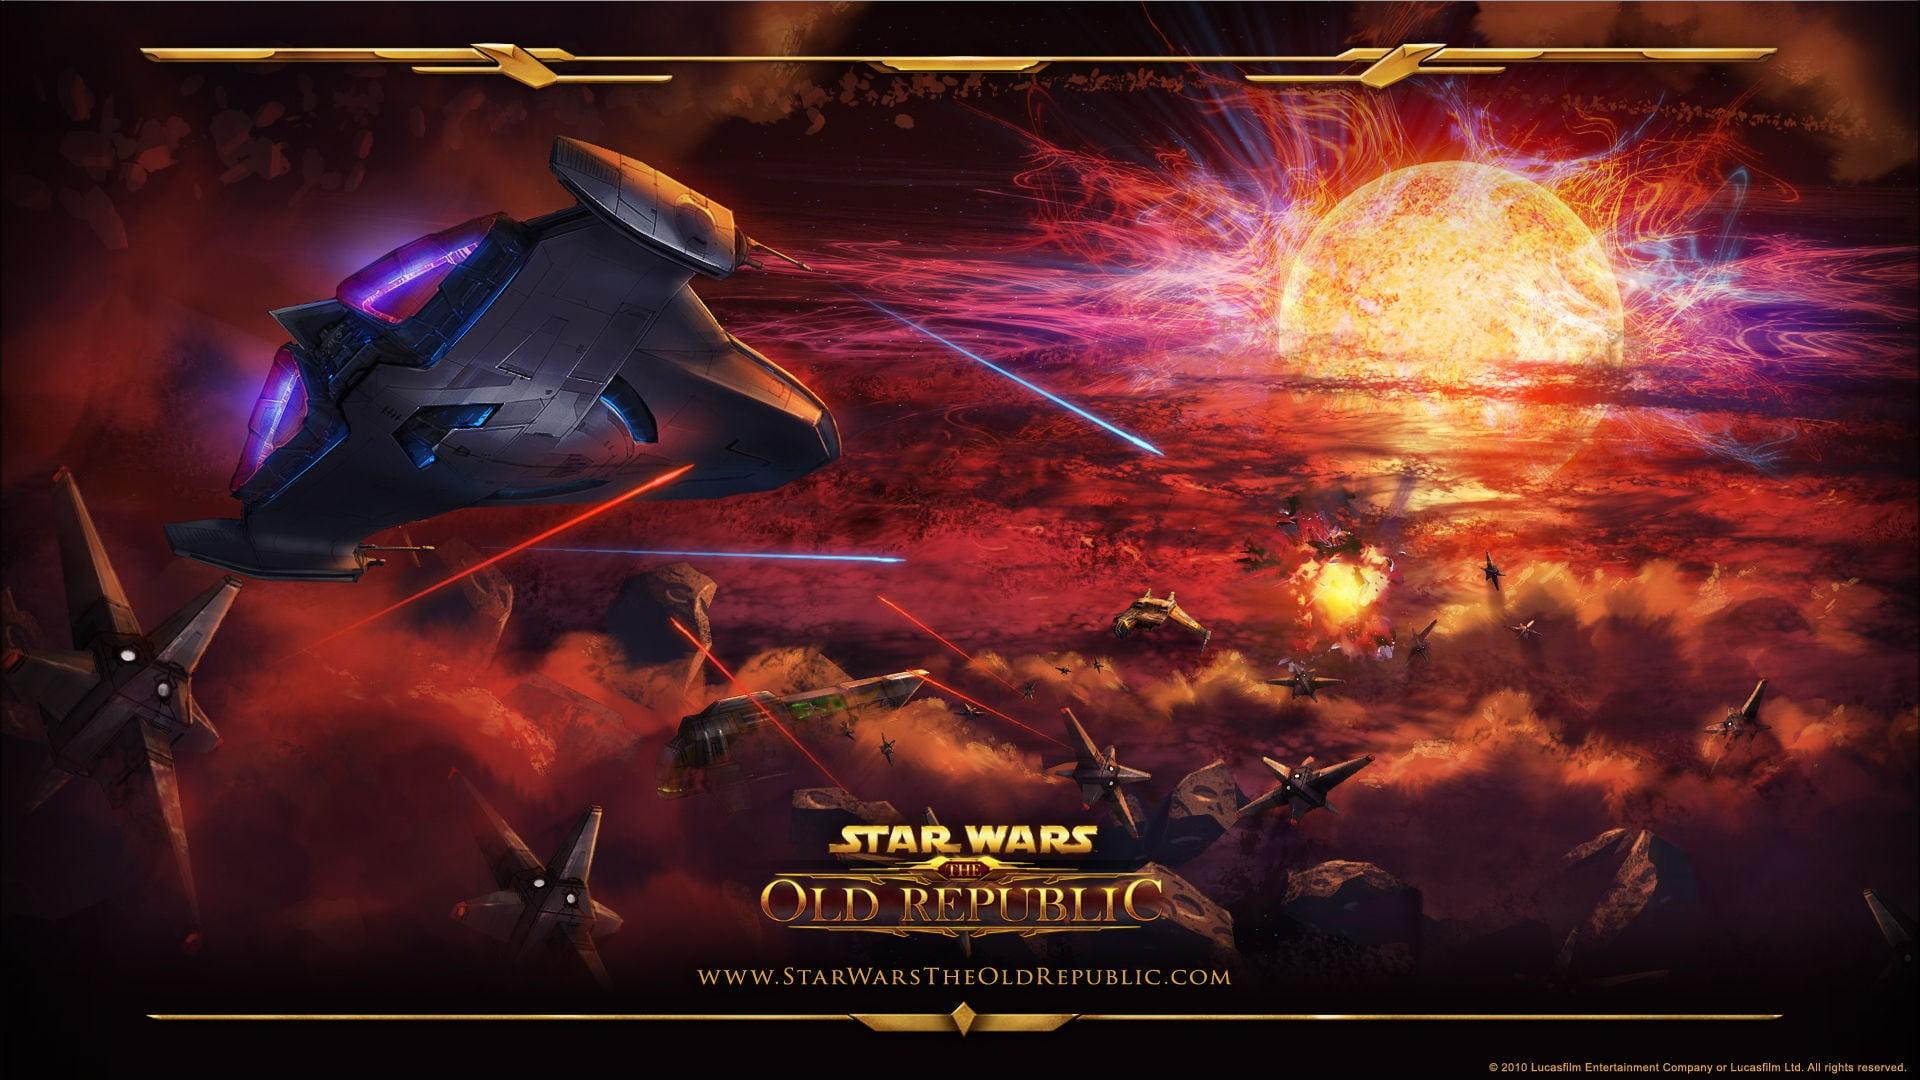 Star Wars The Old Republic Hd 1920x1080 Wallpaper Teahub Io